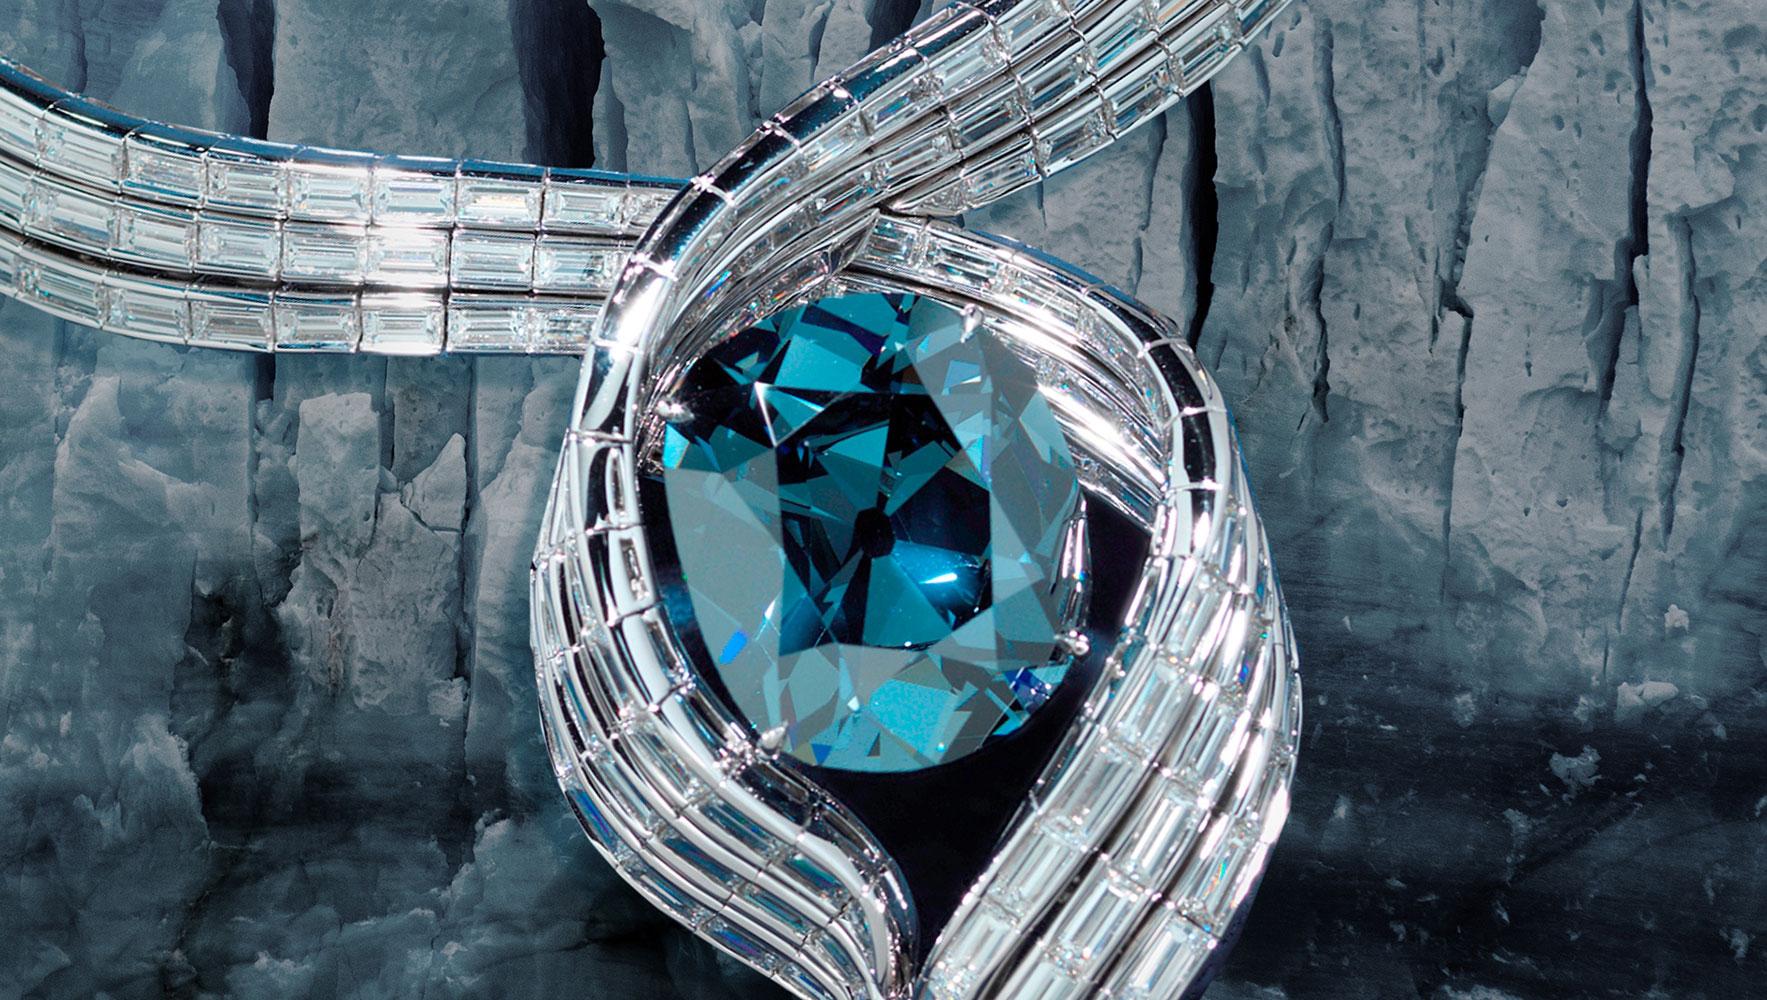 Kim cương màu fancy: Màu nào quý hiếm, đáng đầu tư nhất? 3